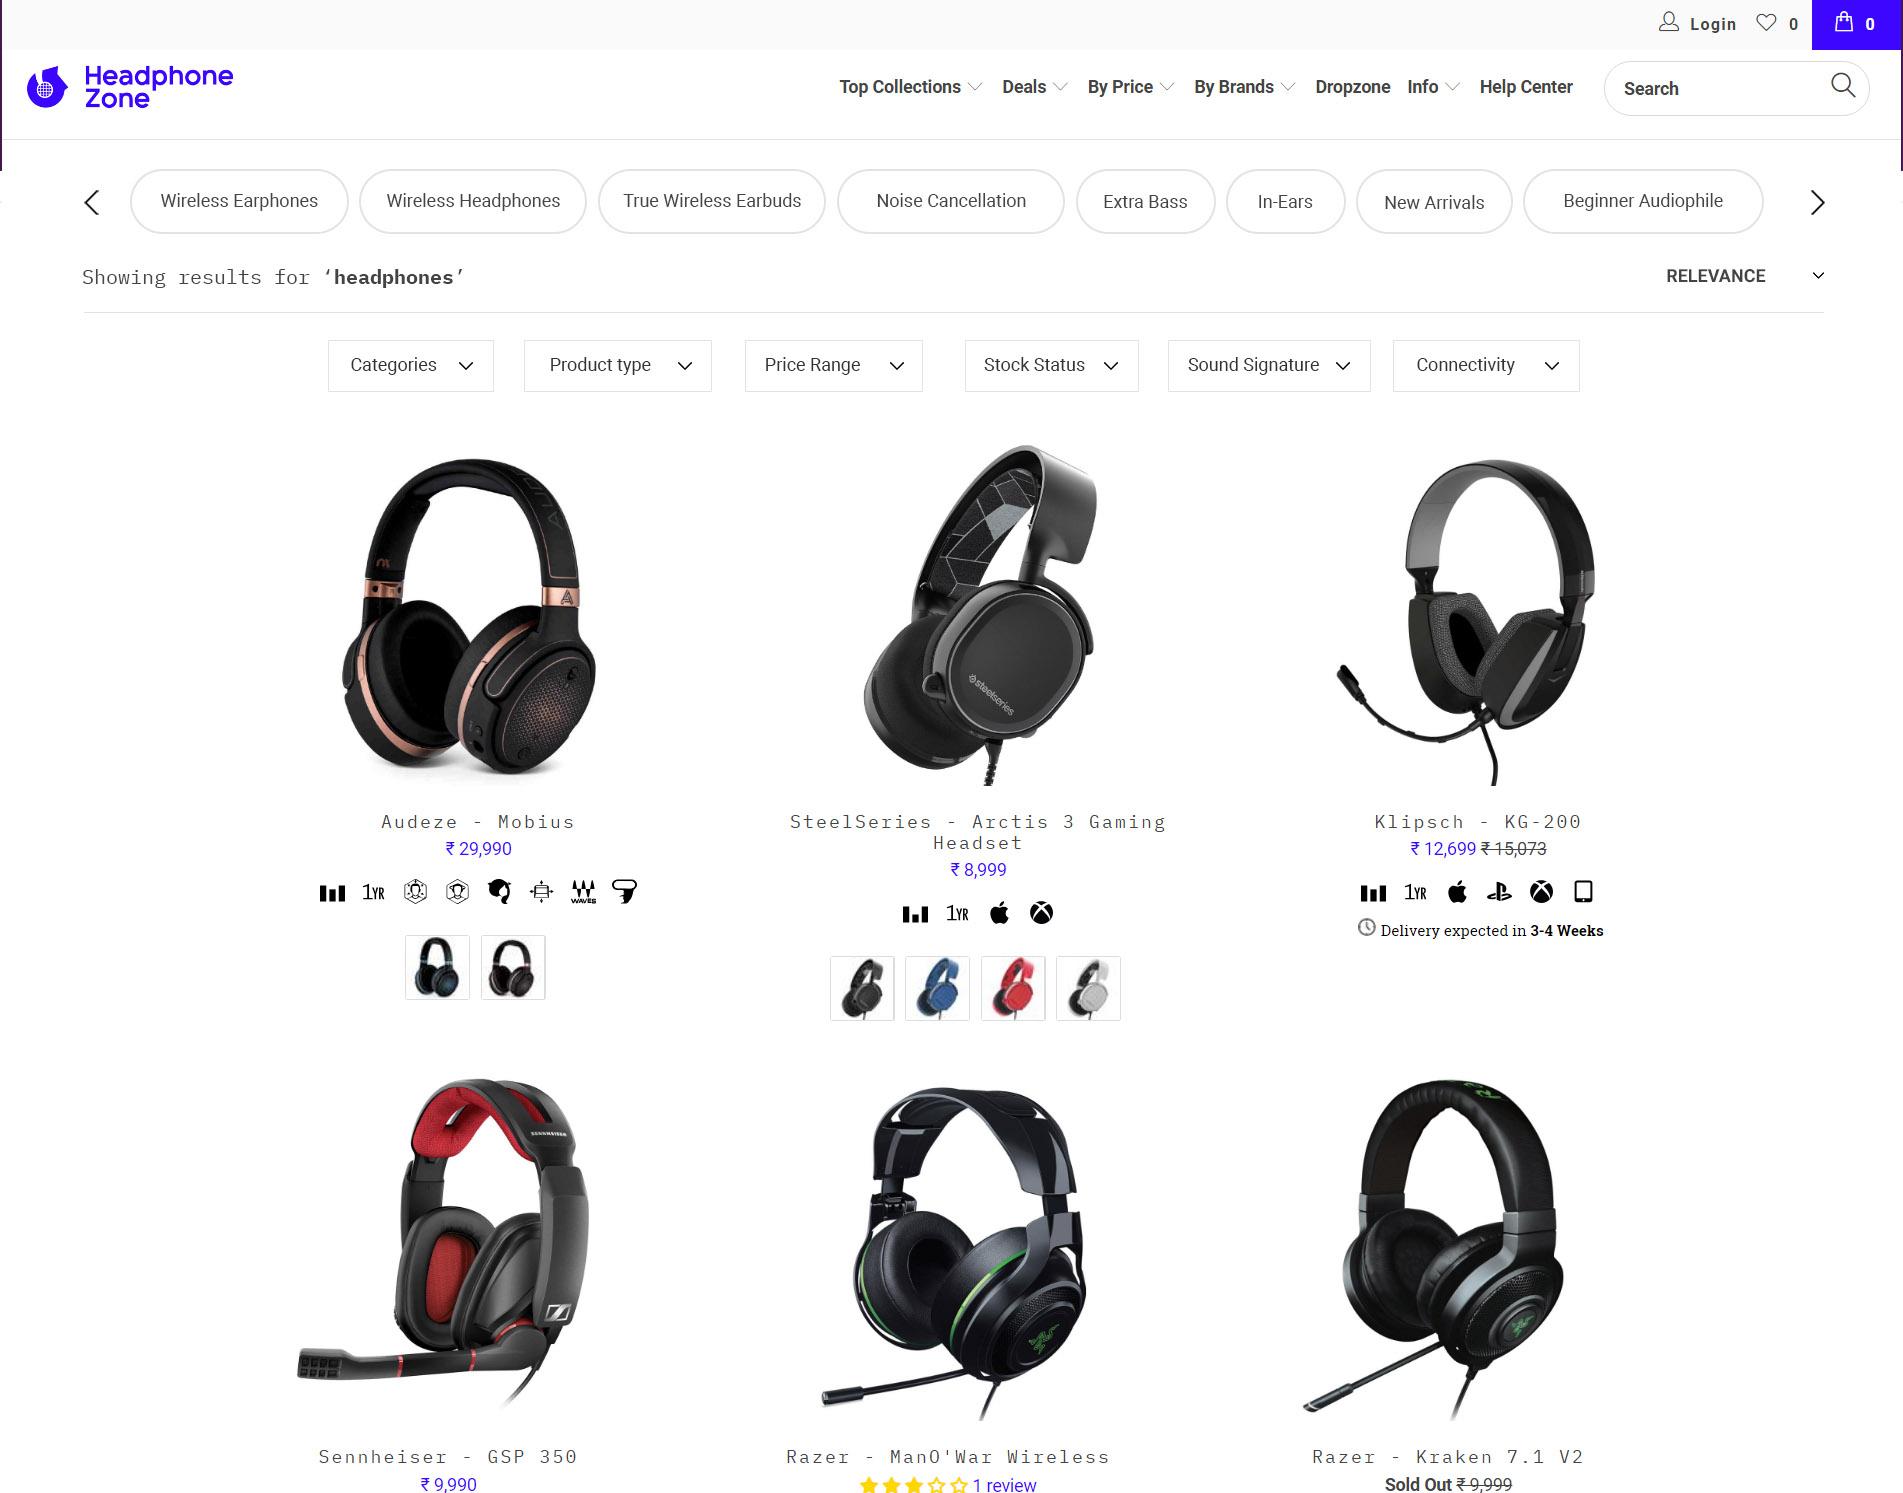 headphonezone